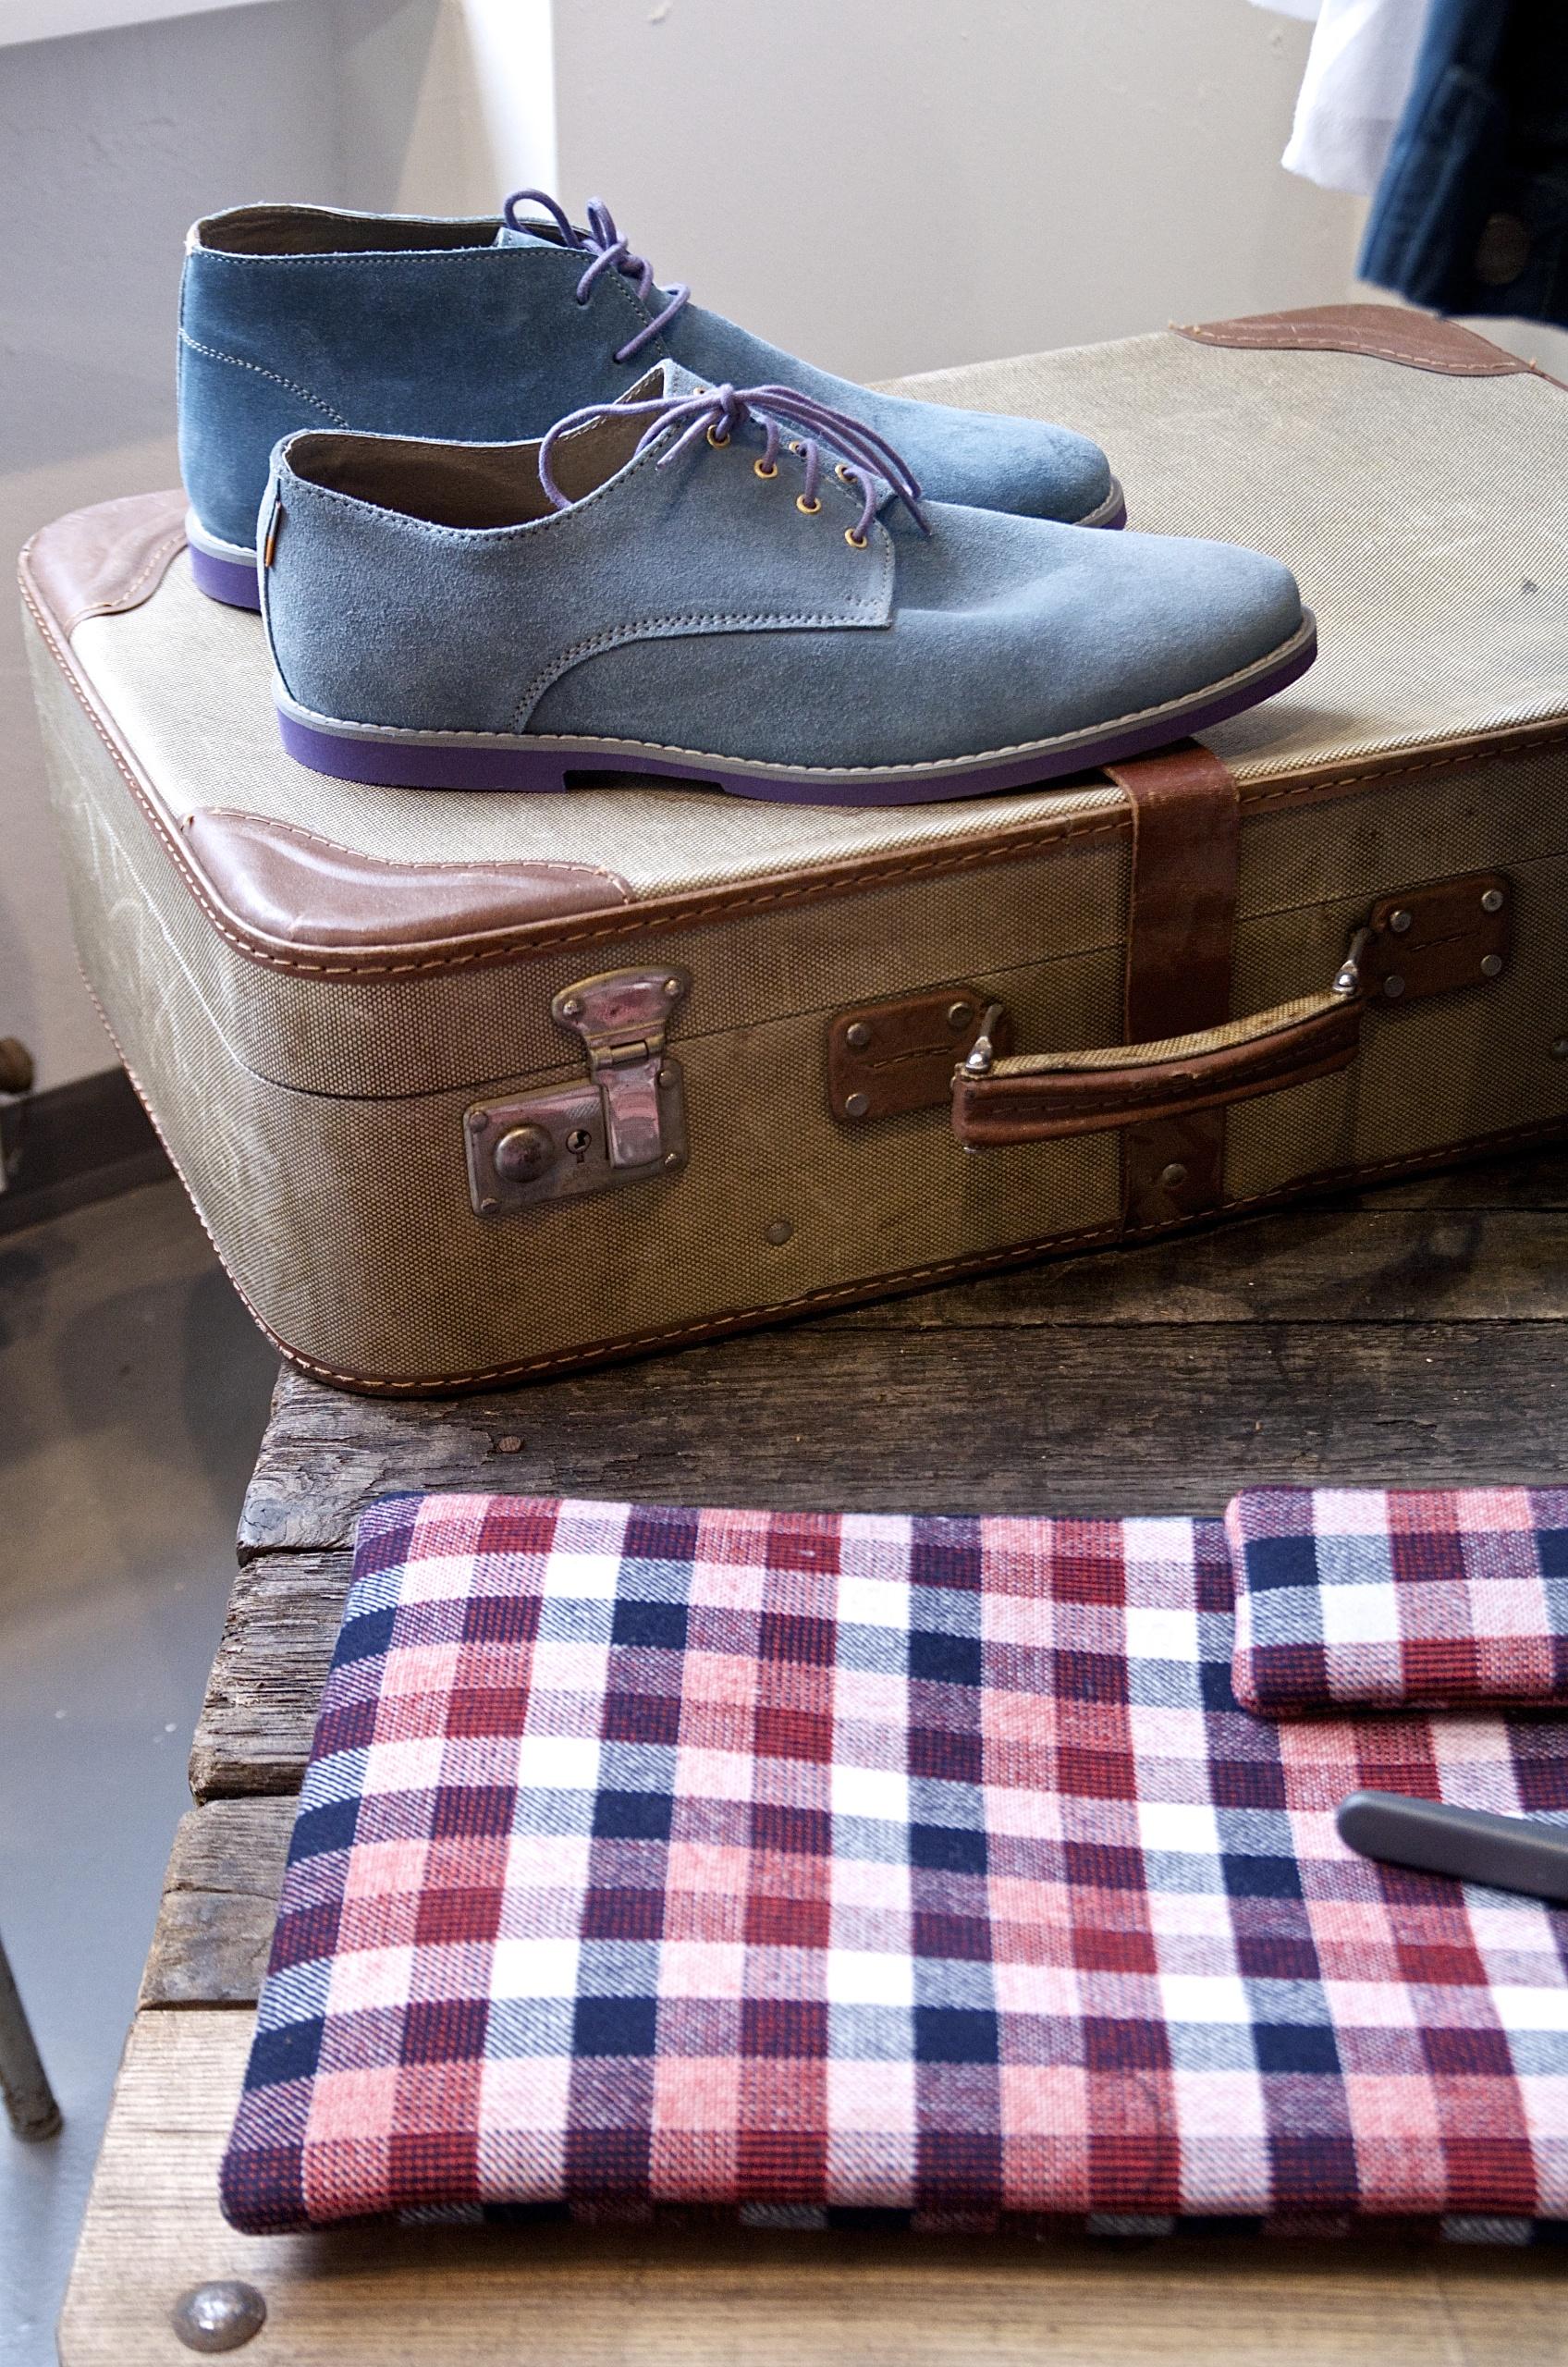 alter Koffer, Männerschuhe